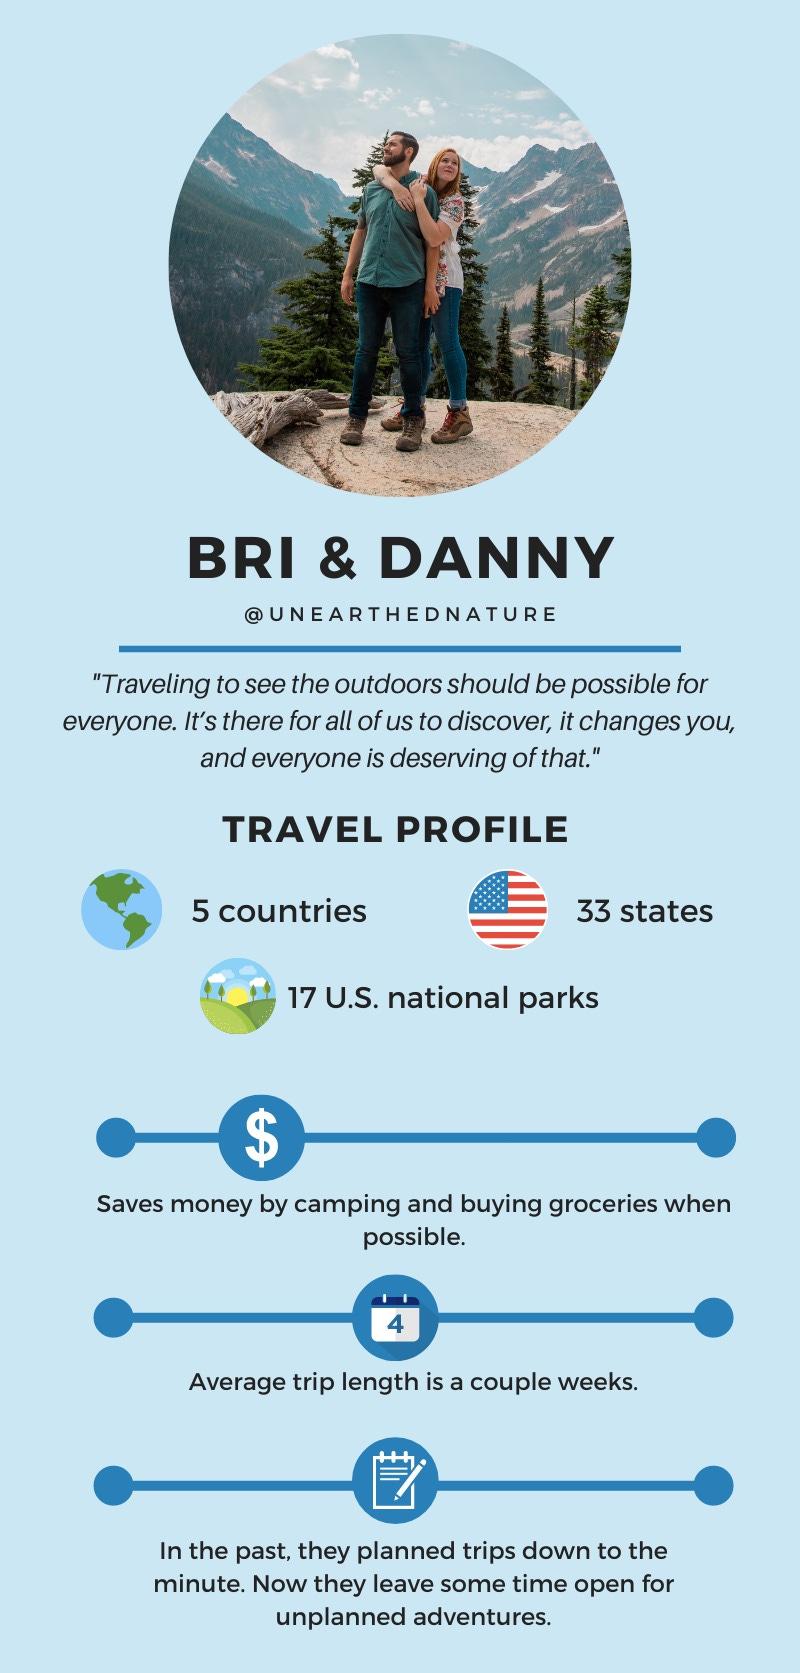 Bri and Danny travel profile